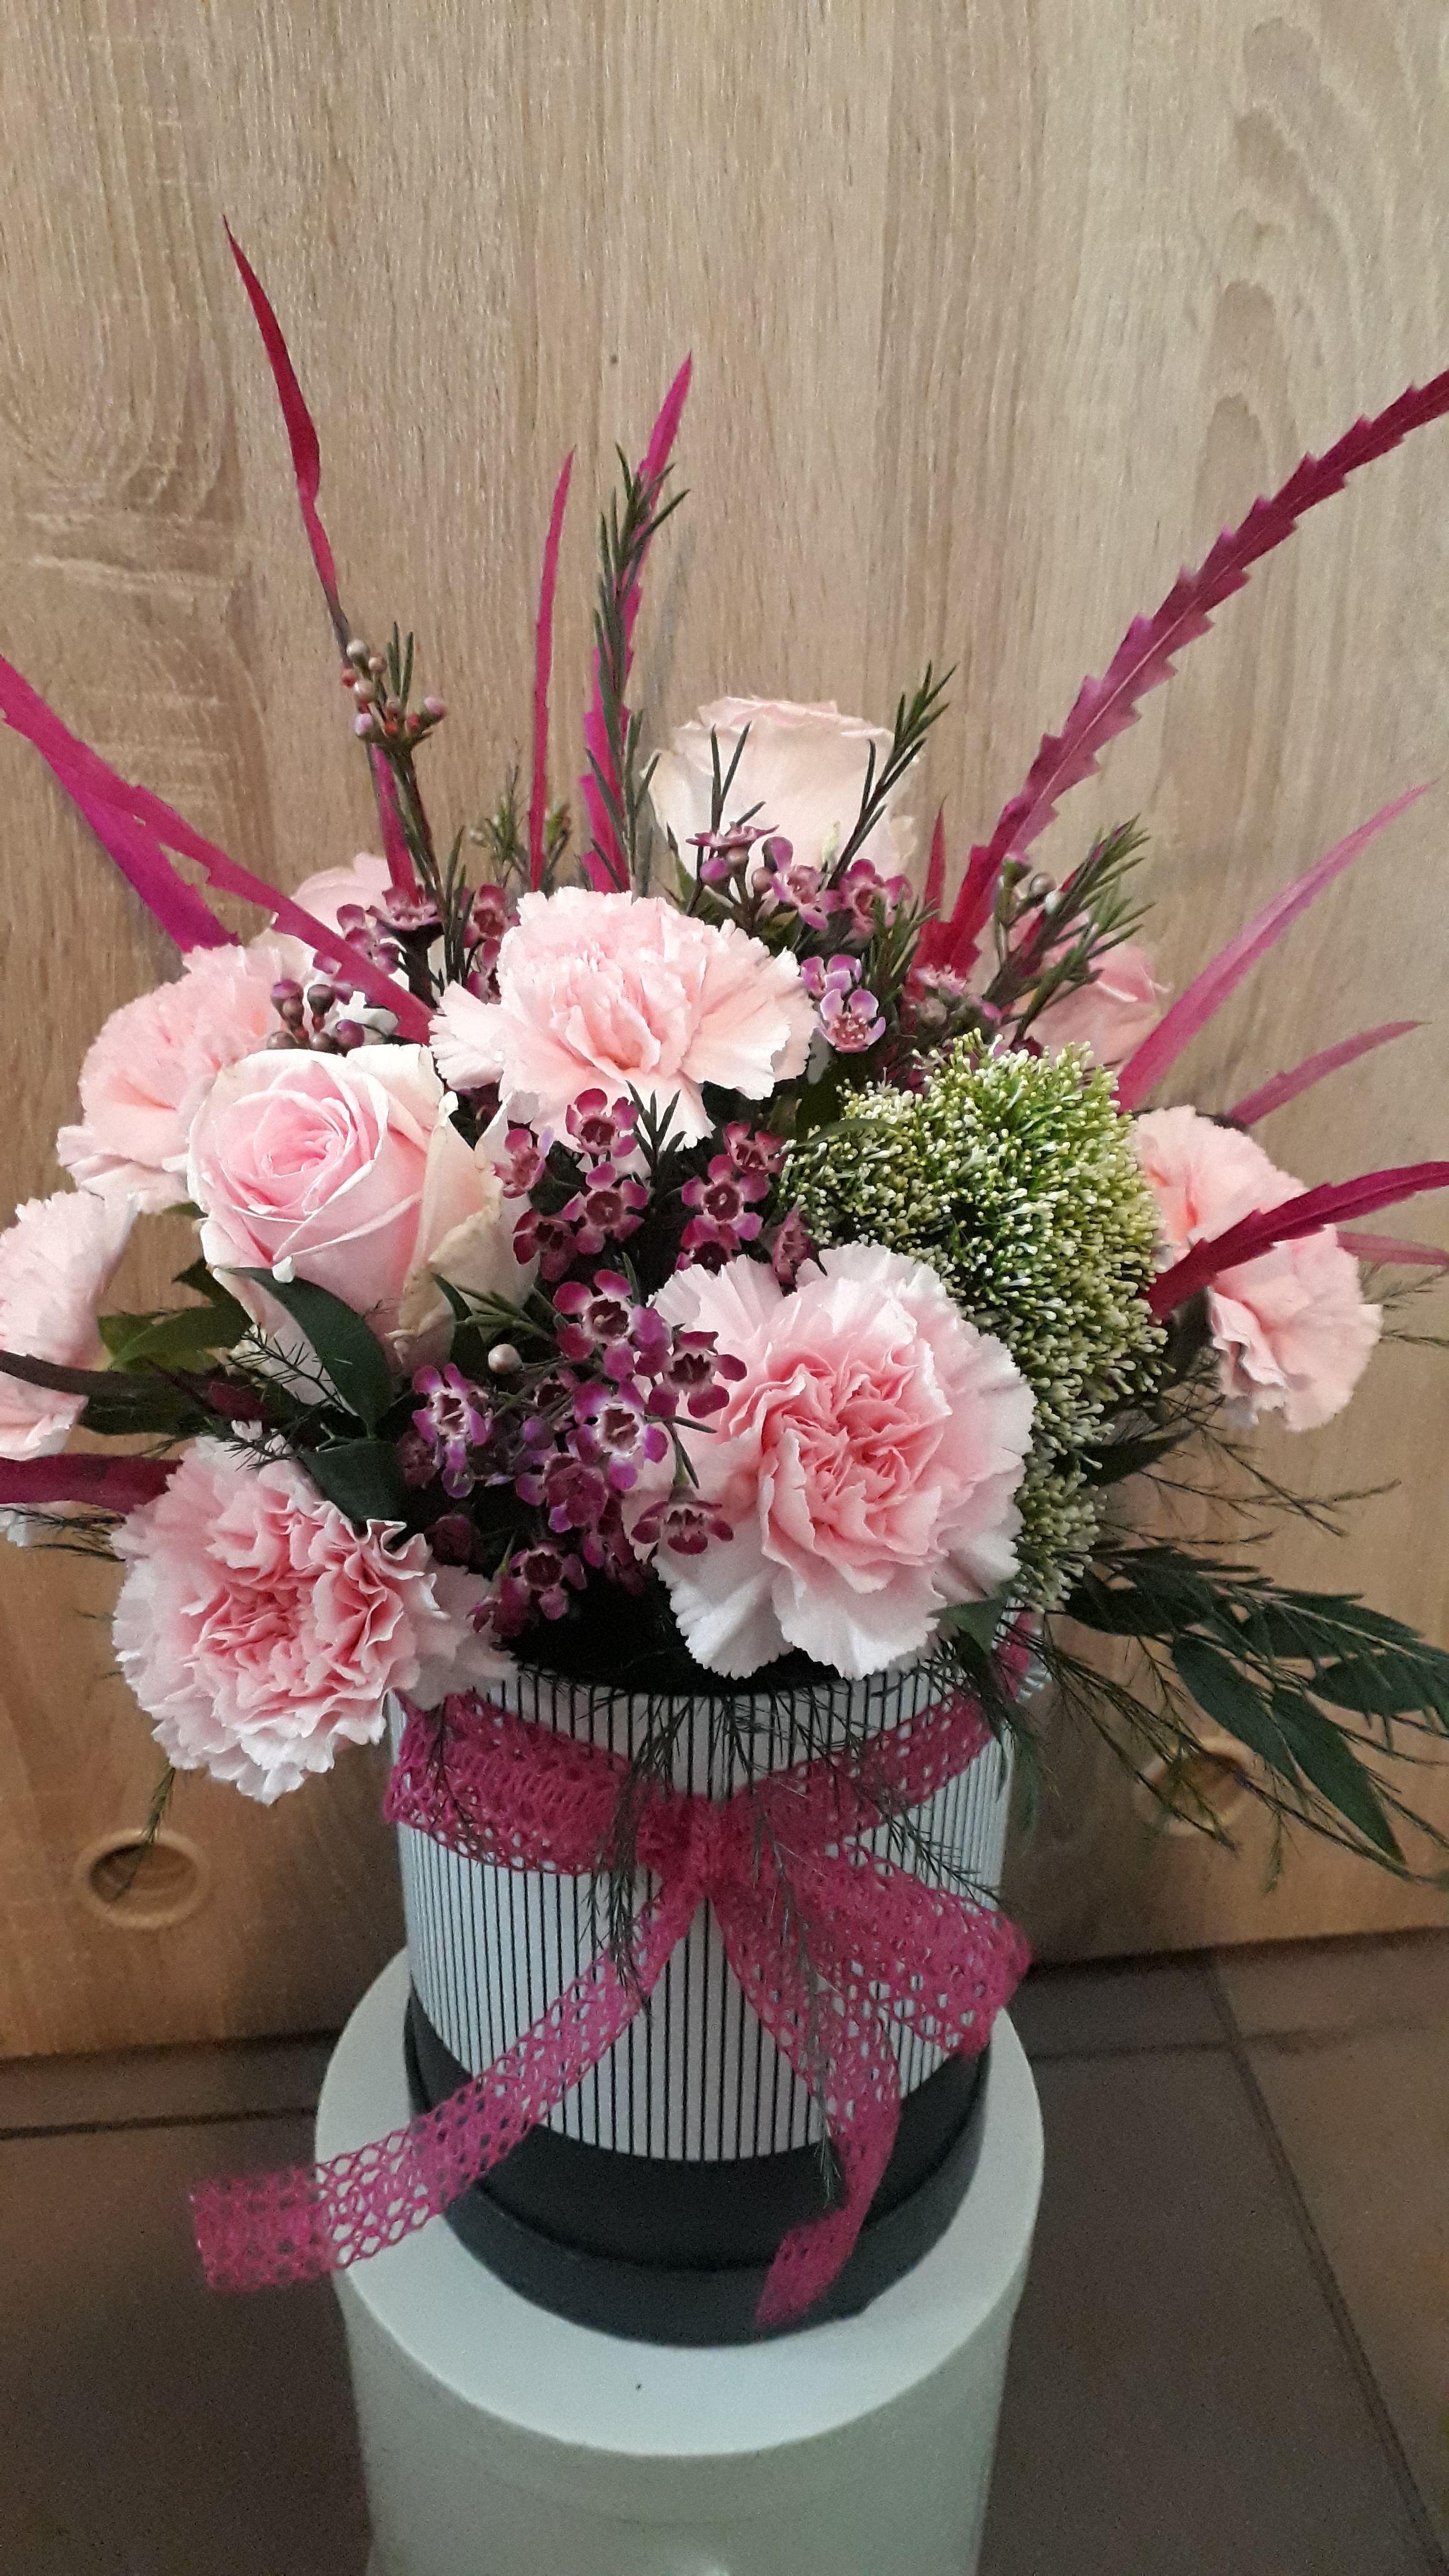 Flower Flowerbox Gozdziki Grevillea Roze Rosa Pink Thanacetum Dzienkobiet Flower Boxes Flowers Crown